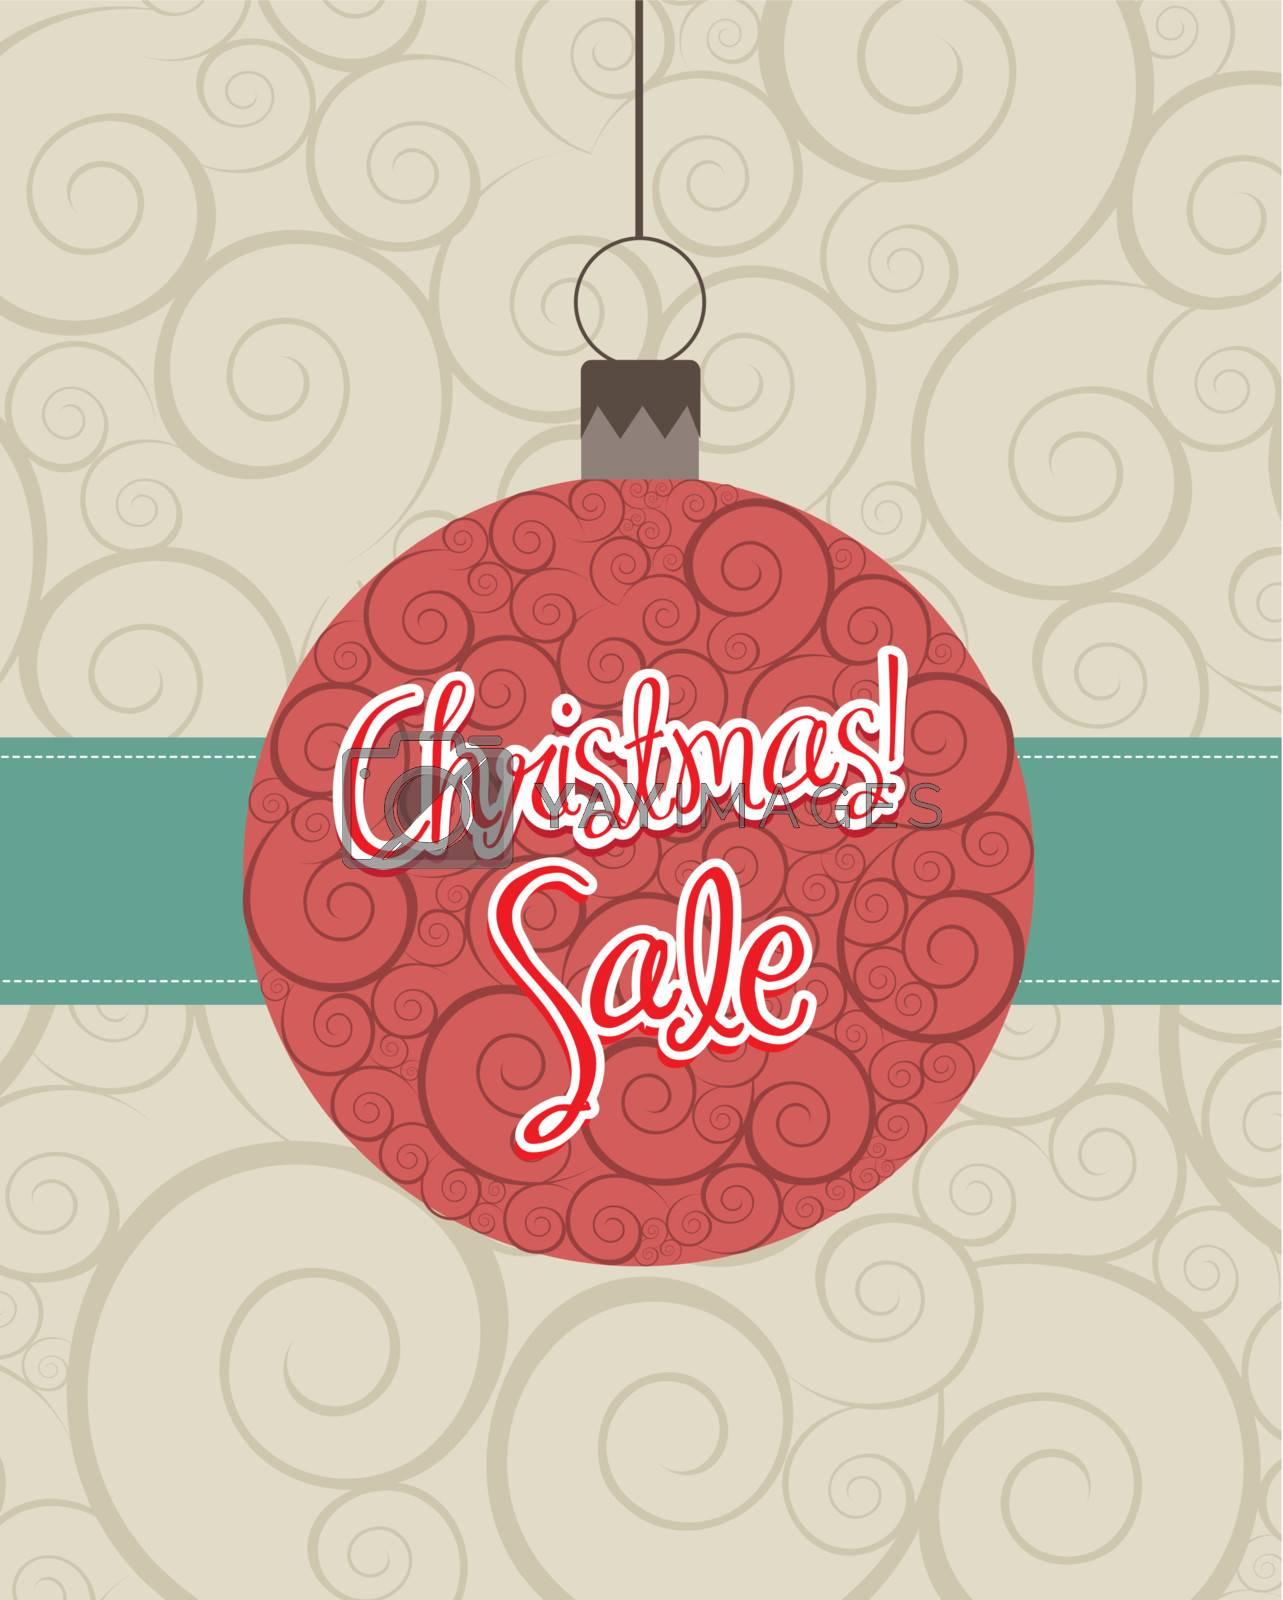 Christmas sales by yupiramos